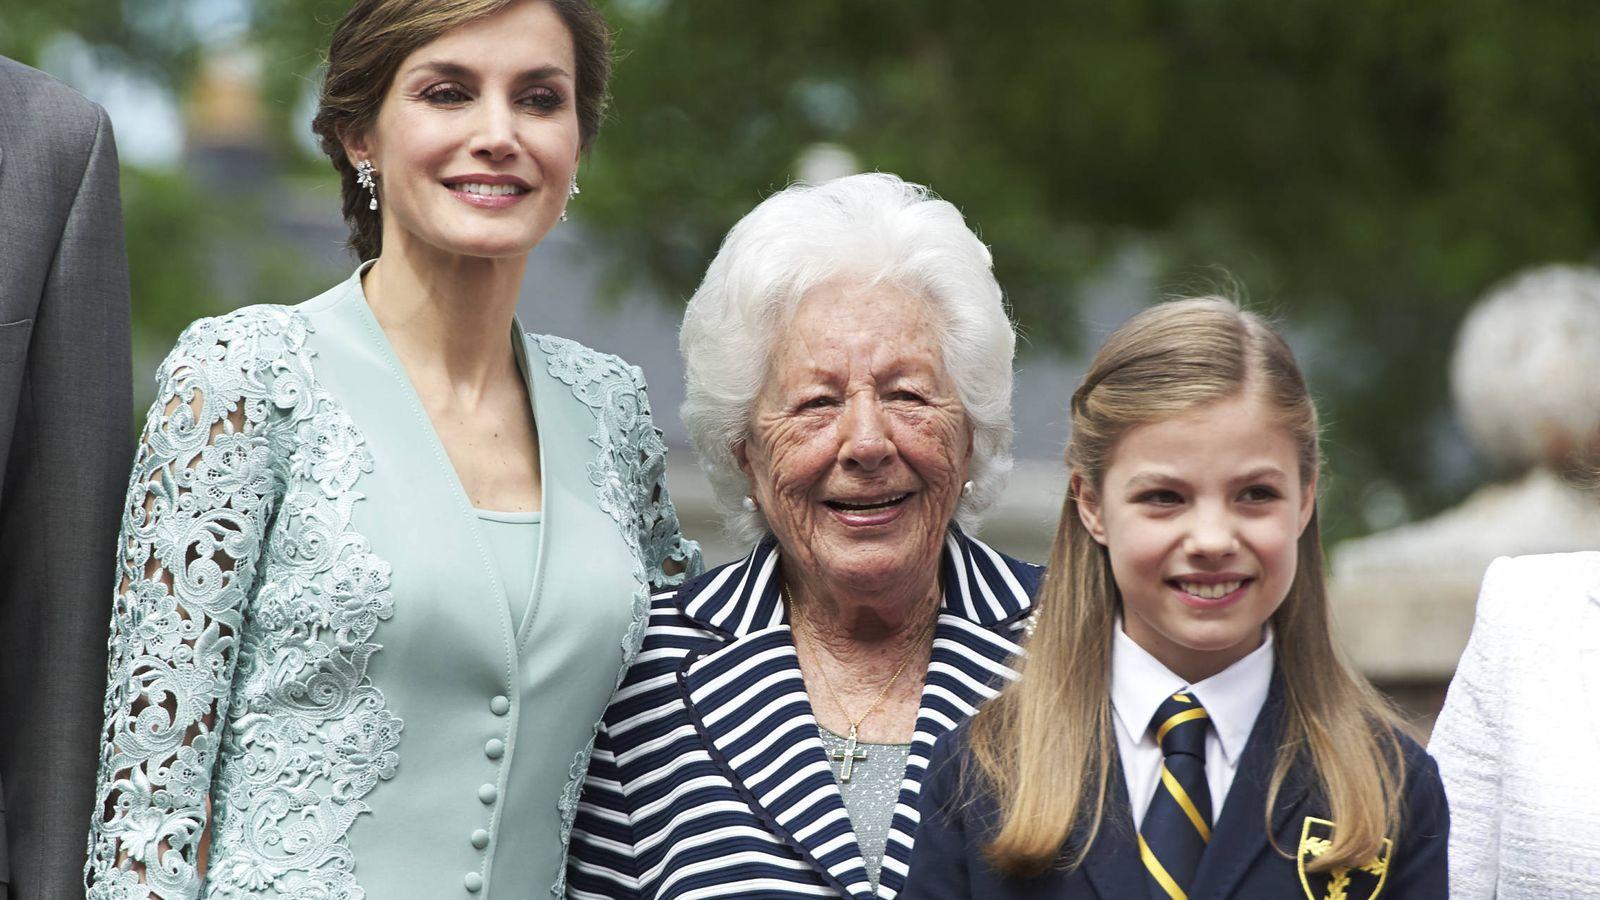 Foto: La reina Letizia, su abuela Menchu y la infanta Sofía. (Getty)